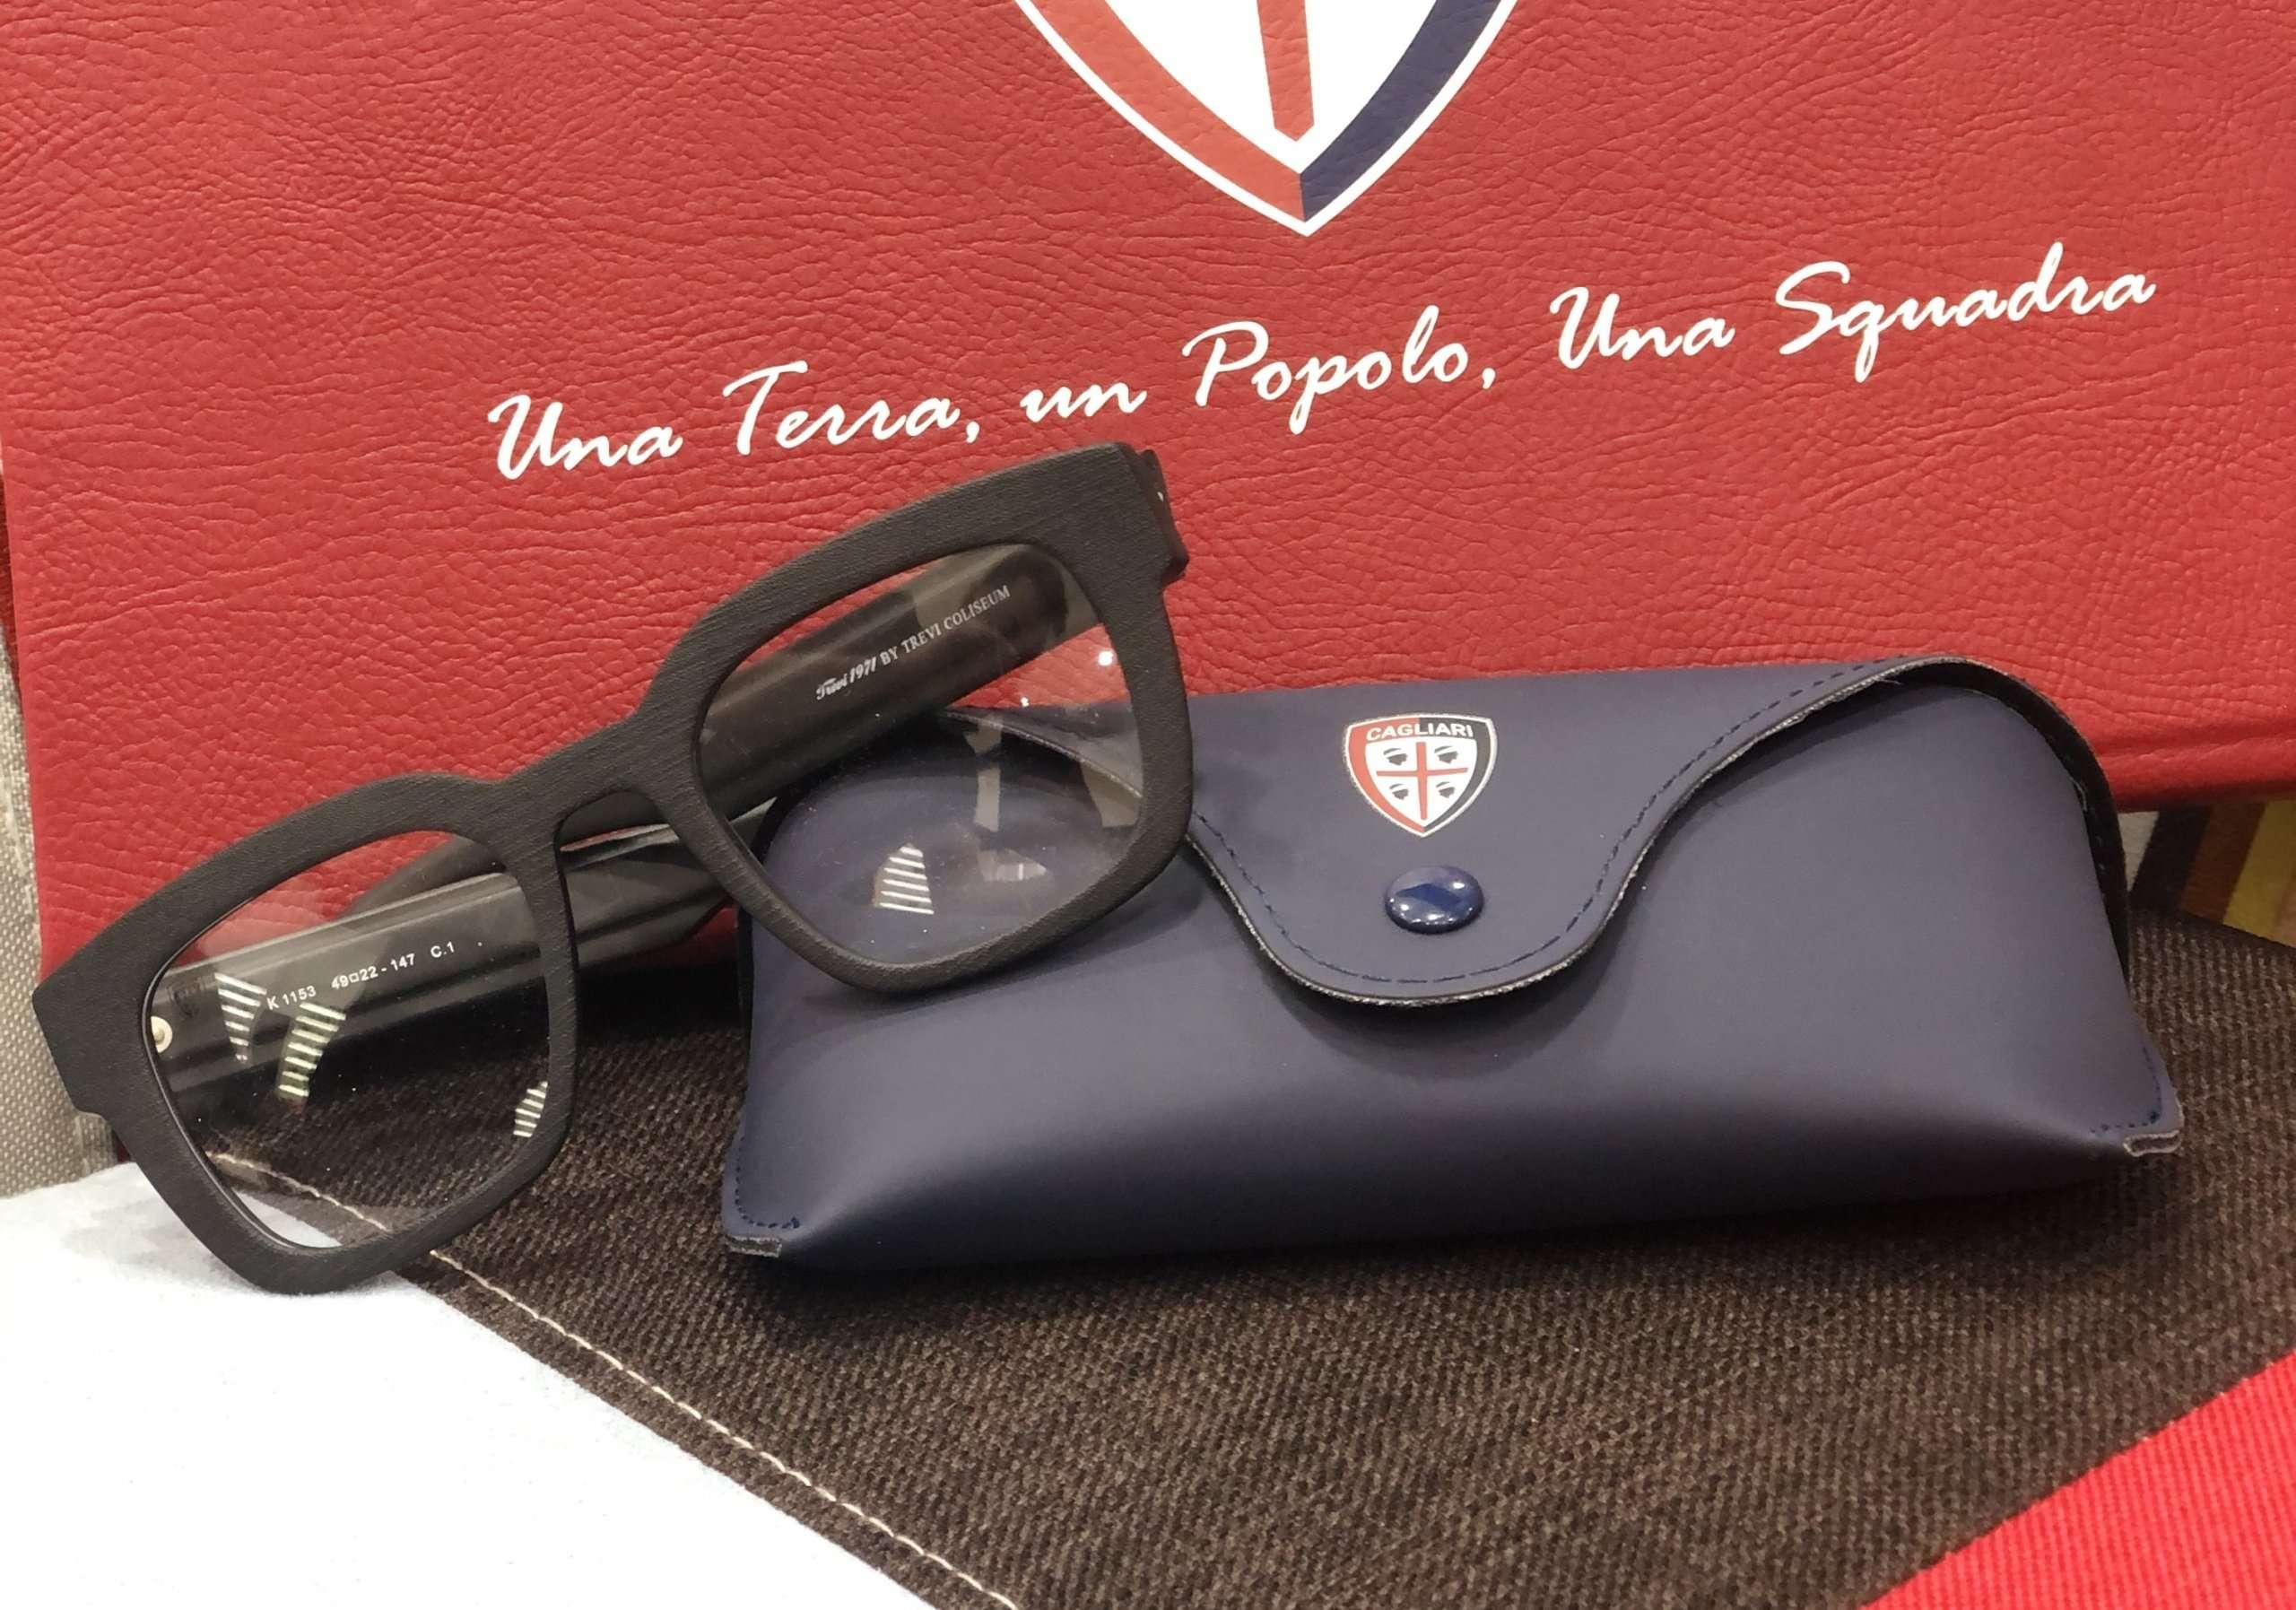 Occhiale vista okky cagliari calcio 2021